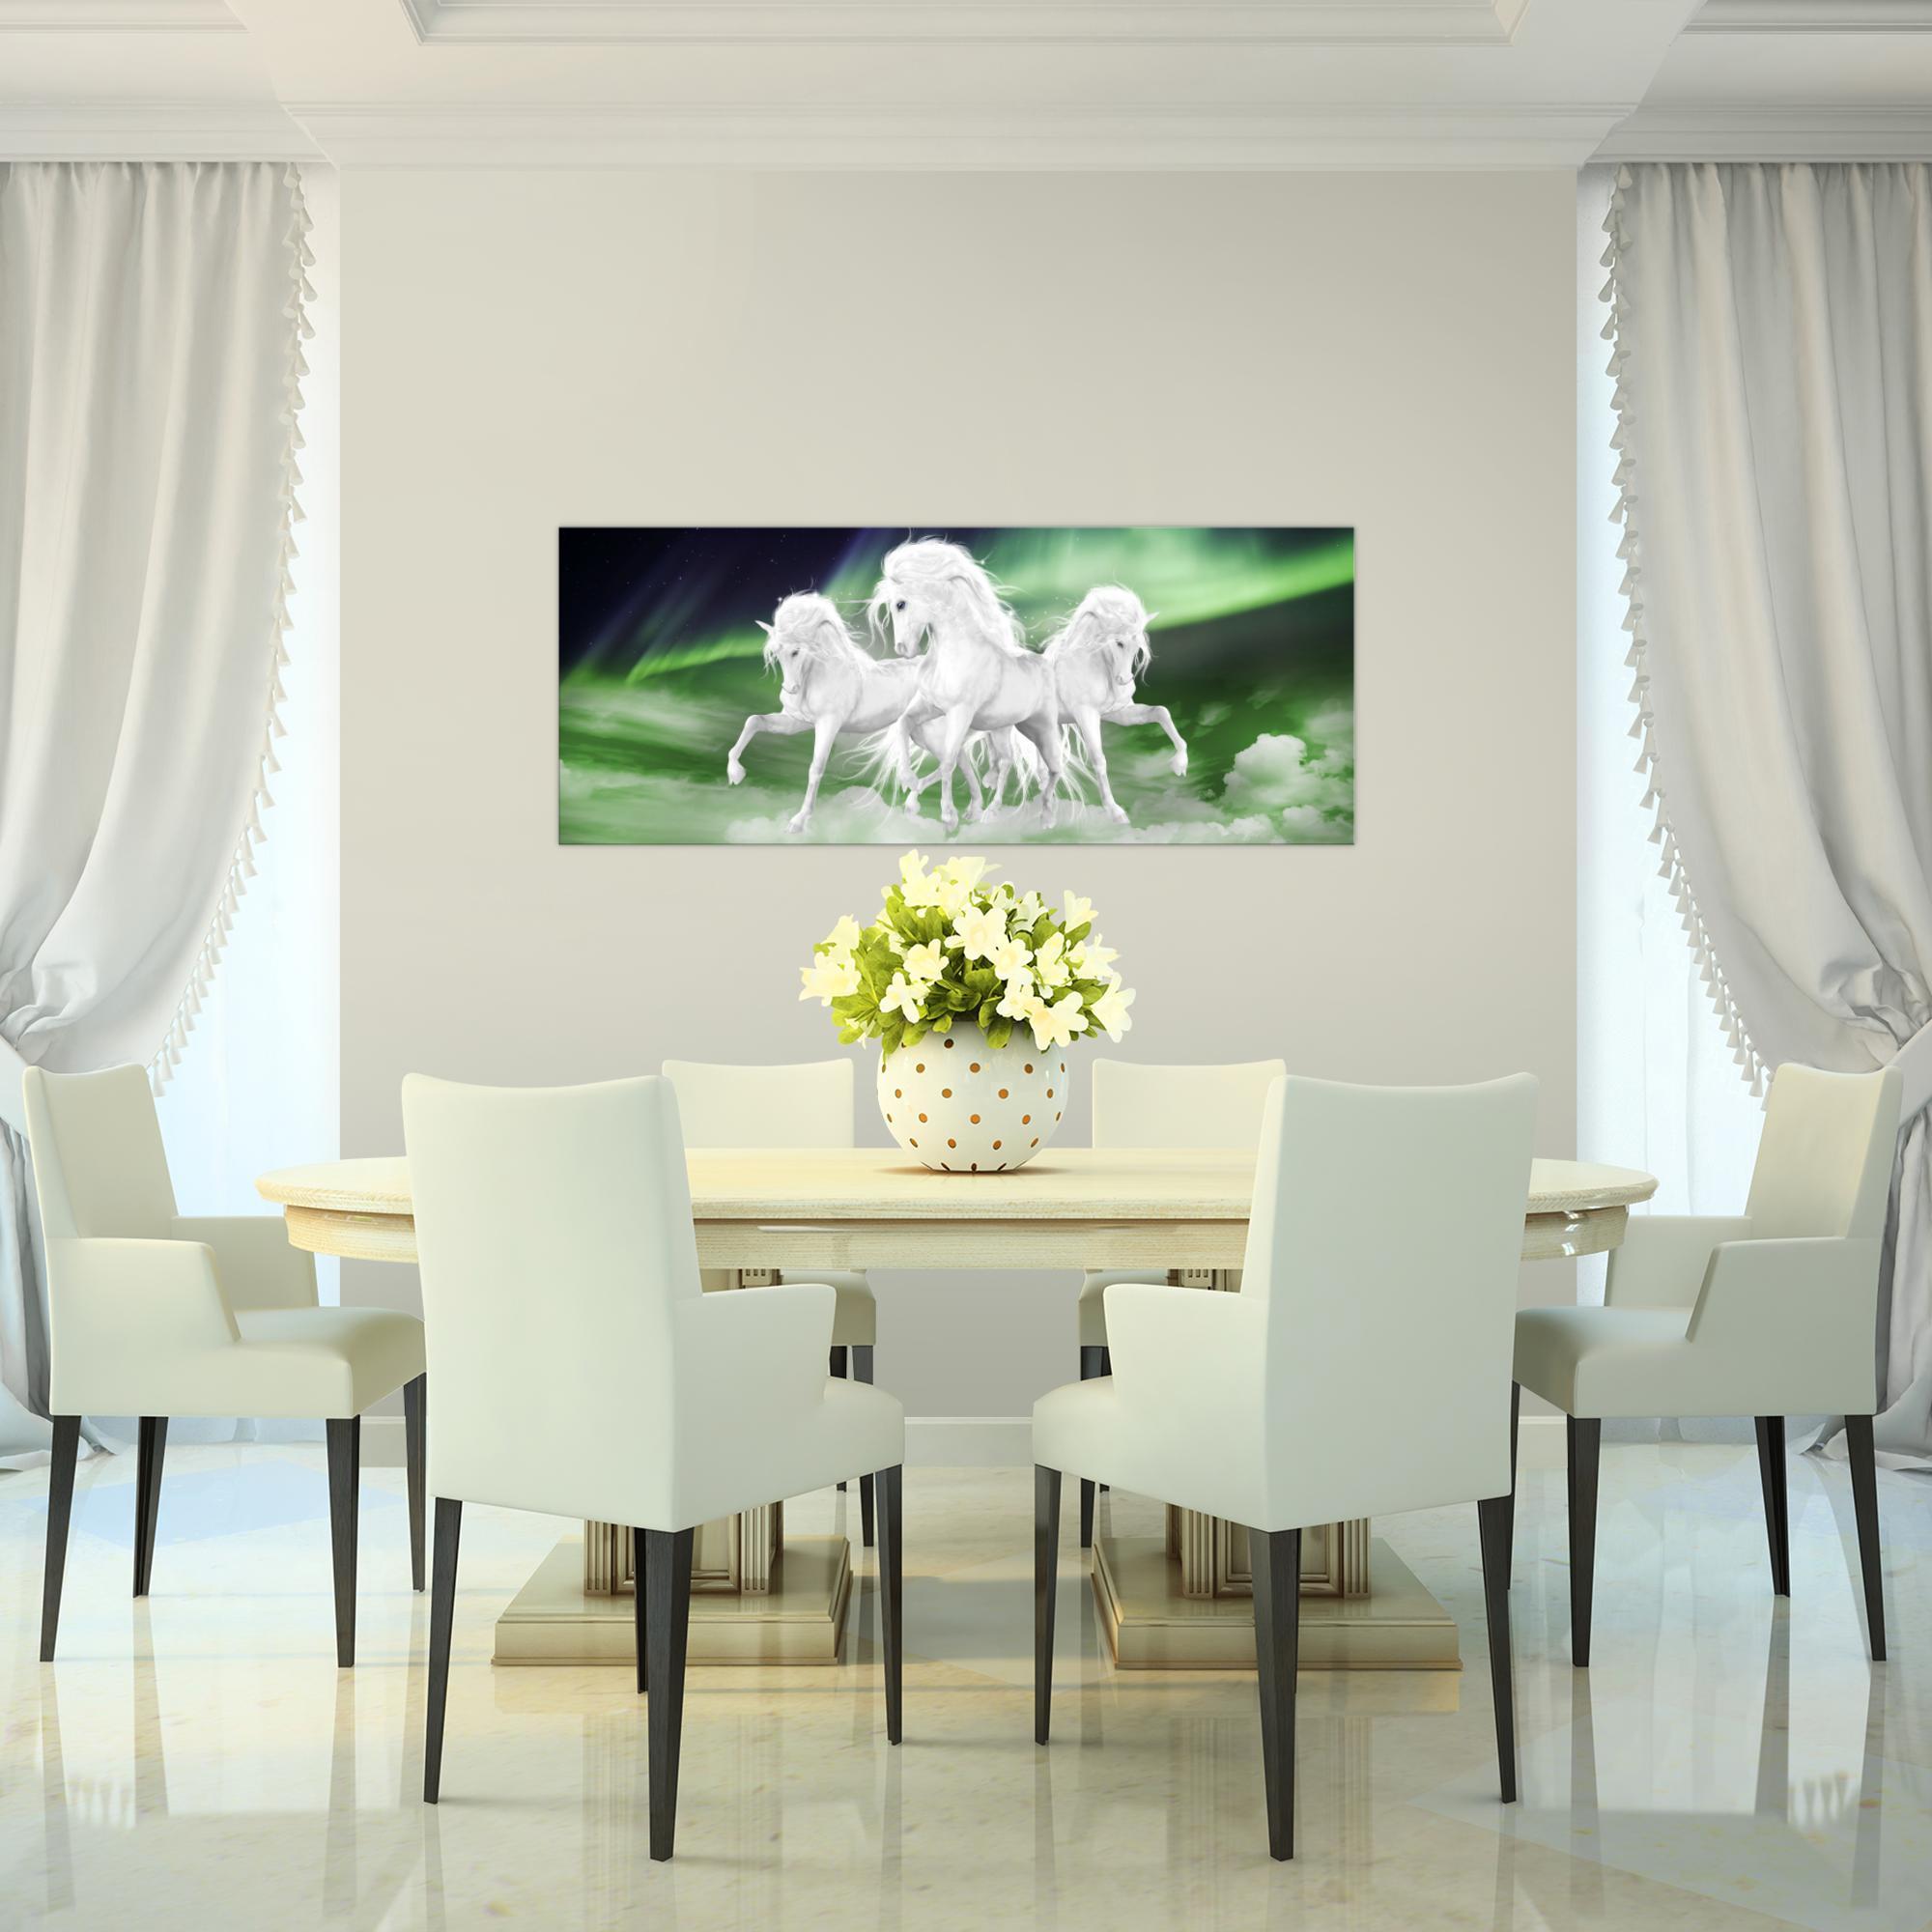 einhorn bild kunstdruck auf vlies leinwand xxl dekoration 022812p. Black Bedroom Furniture Sets. Home Design Ideas